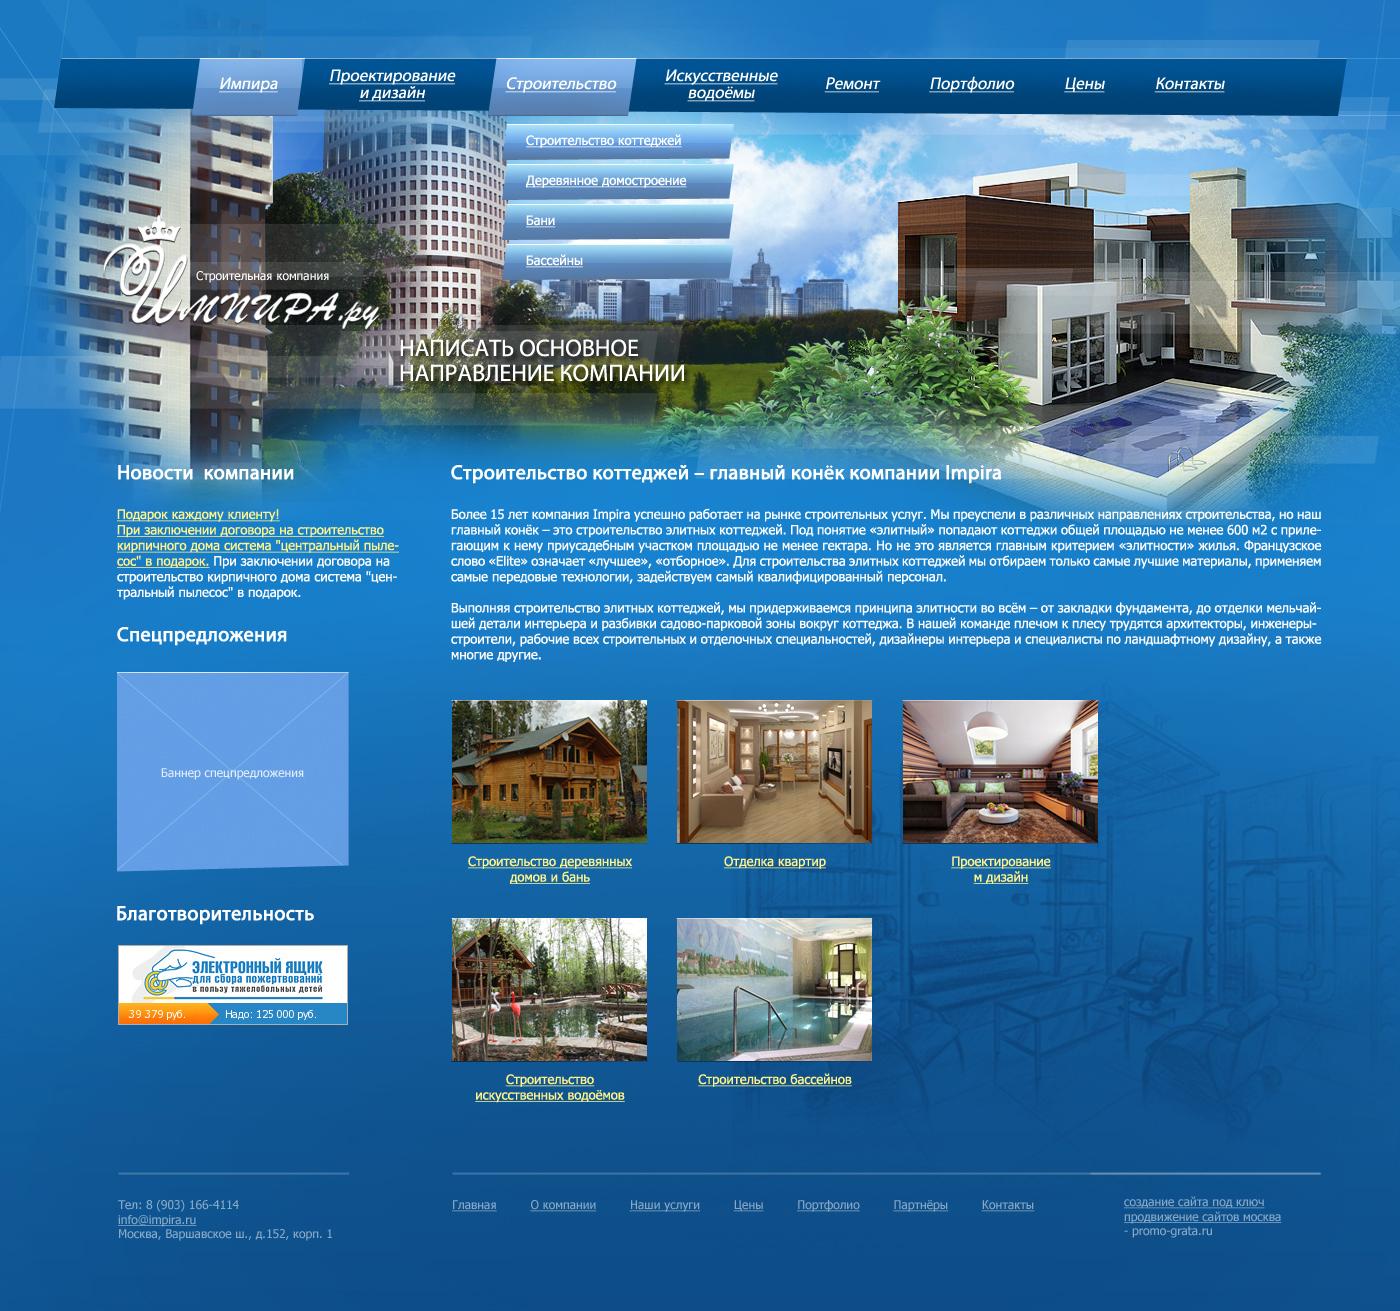 Импира - строительная компания